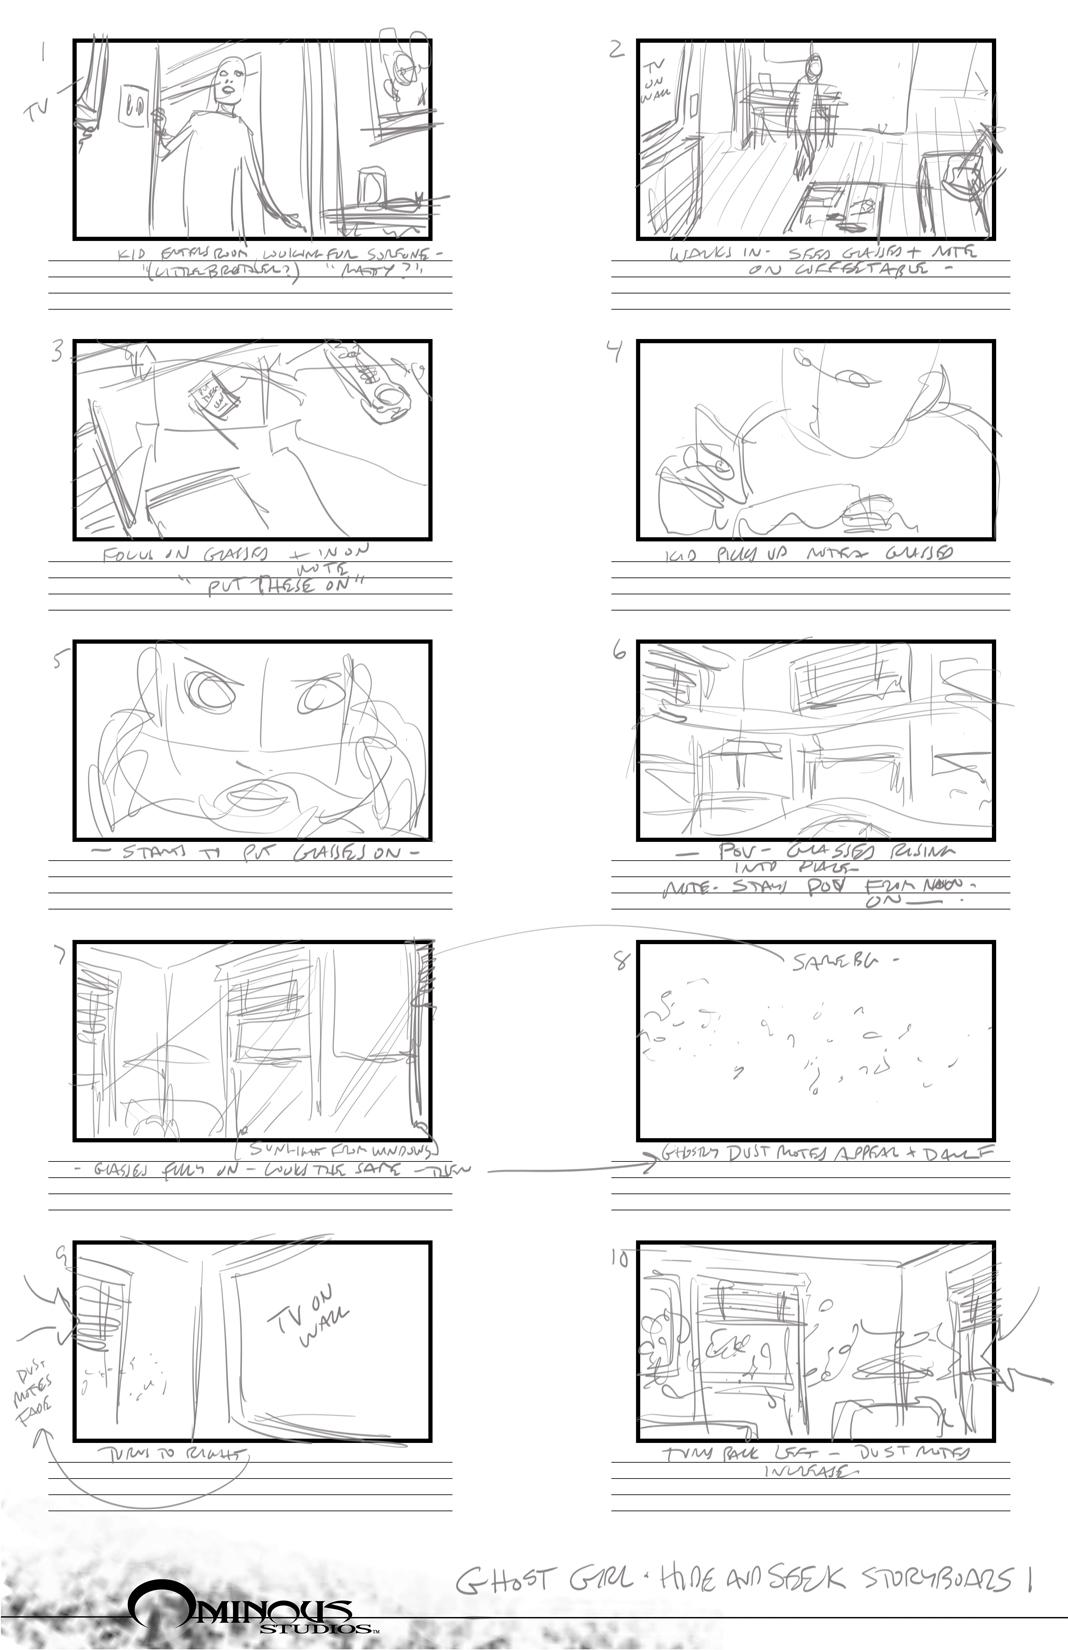 GhostGirl_HideAndSeek_Storyboards_Roughs